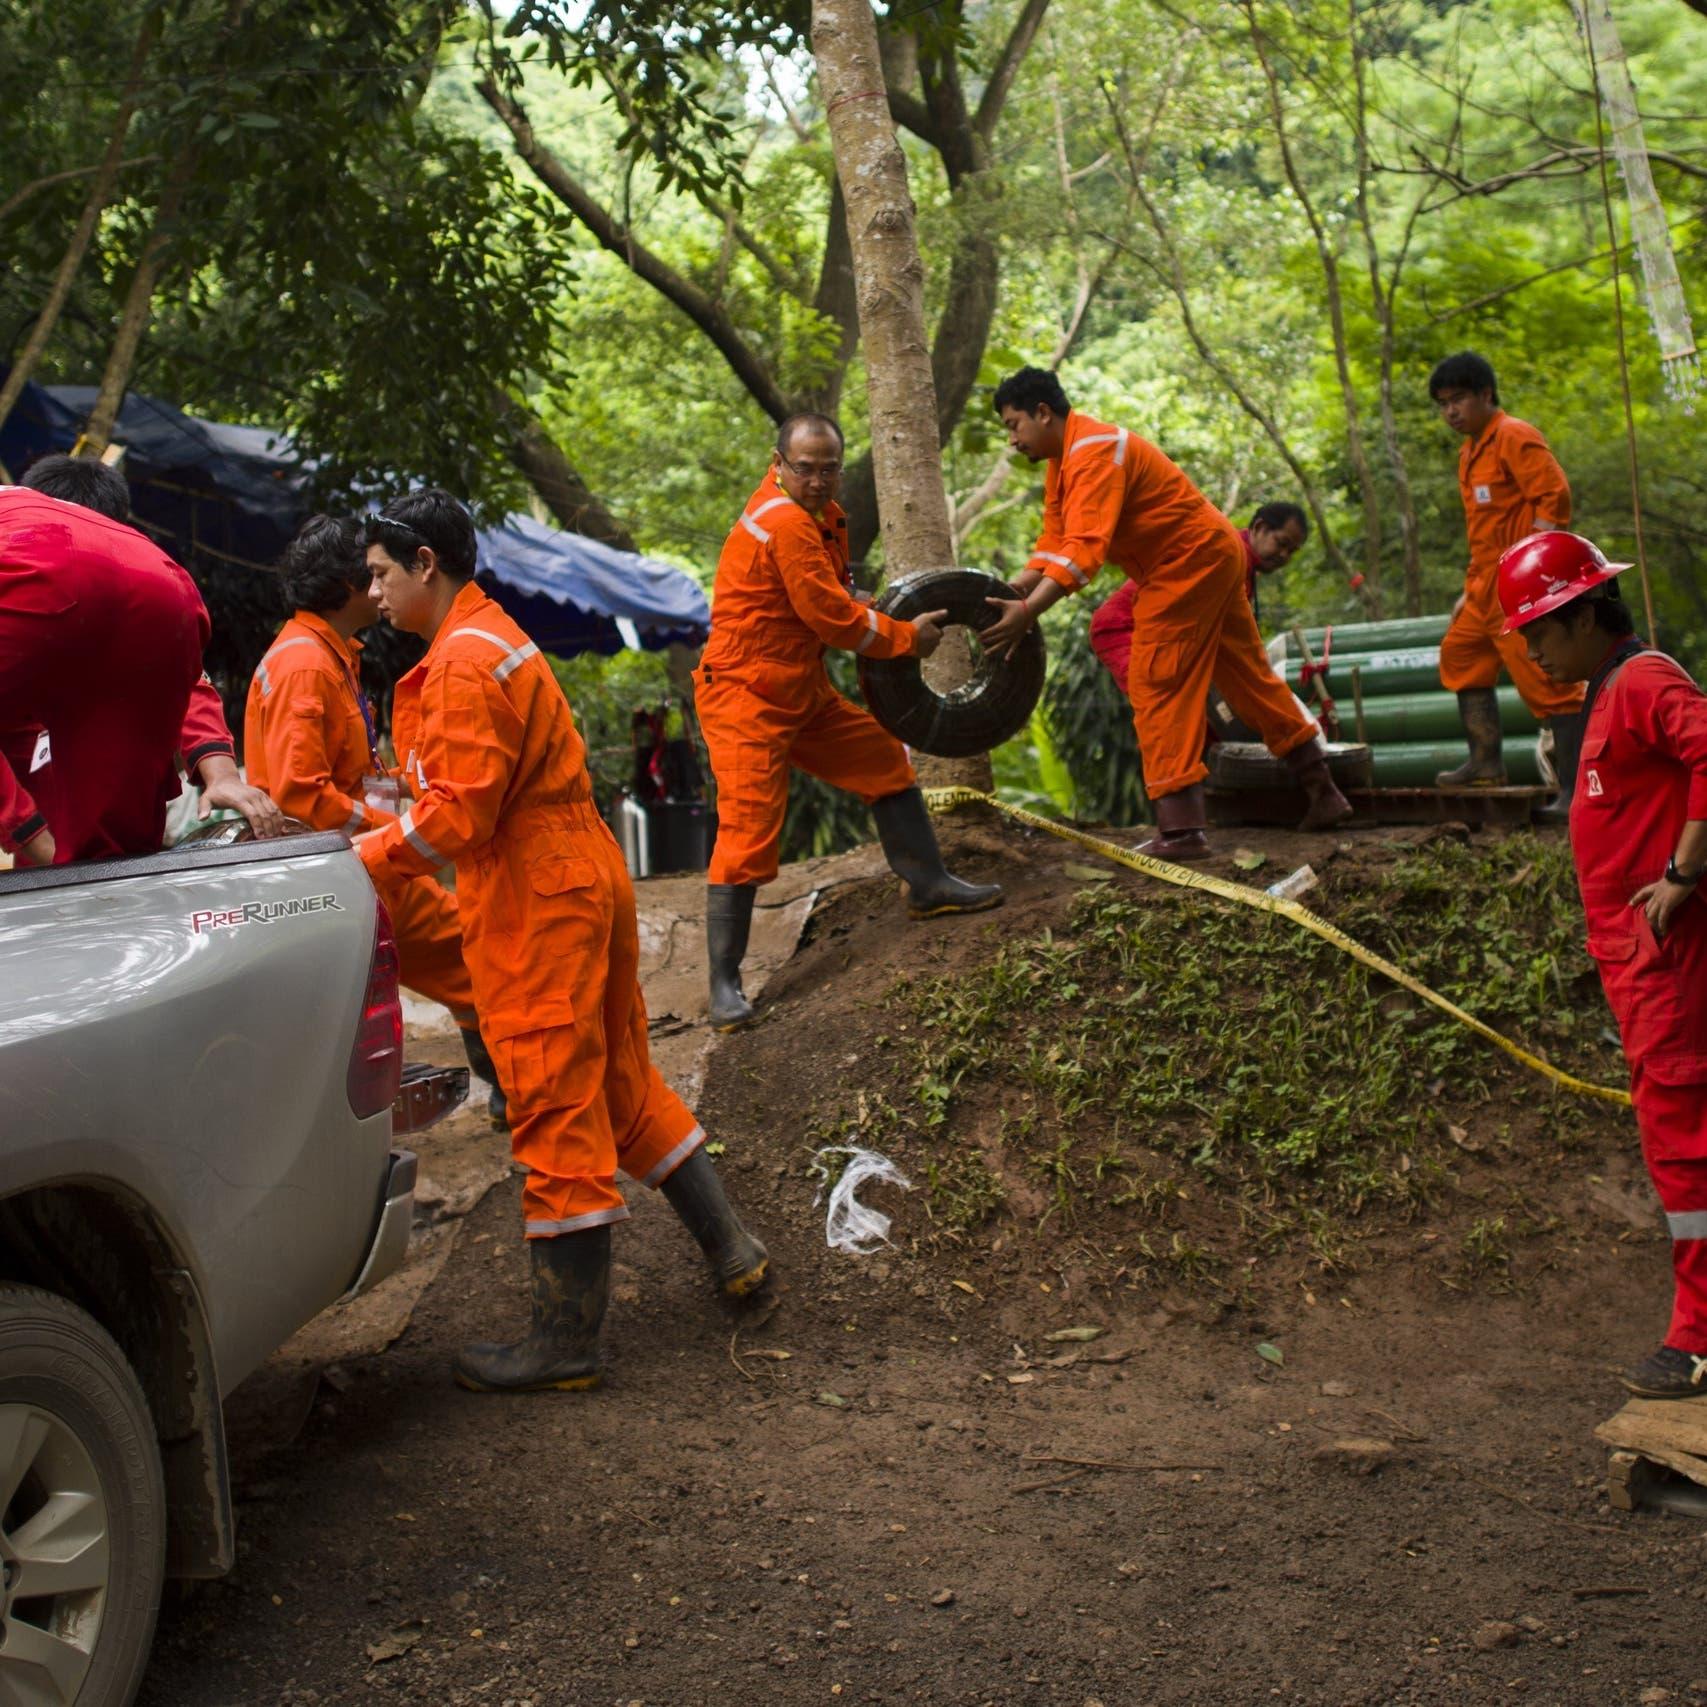 العمل لإنقاذ أطفال الكهف مستمر.. وأكثر من 100 عملية حفر